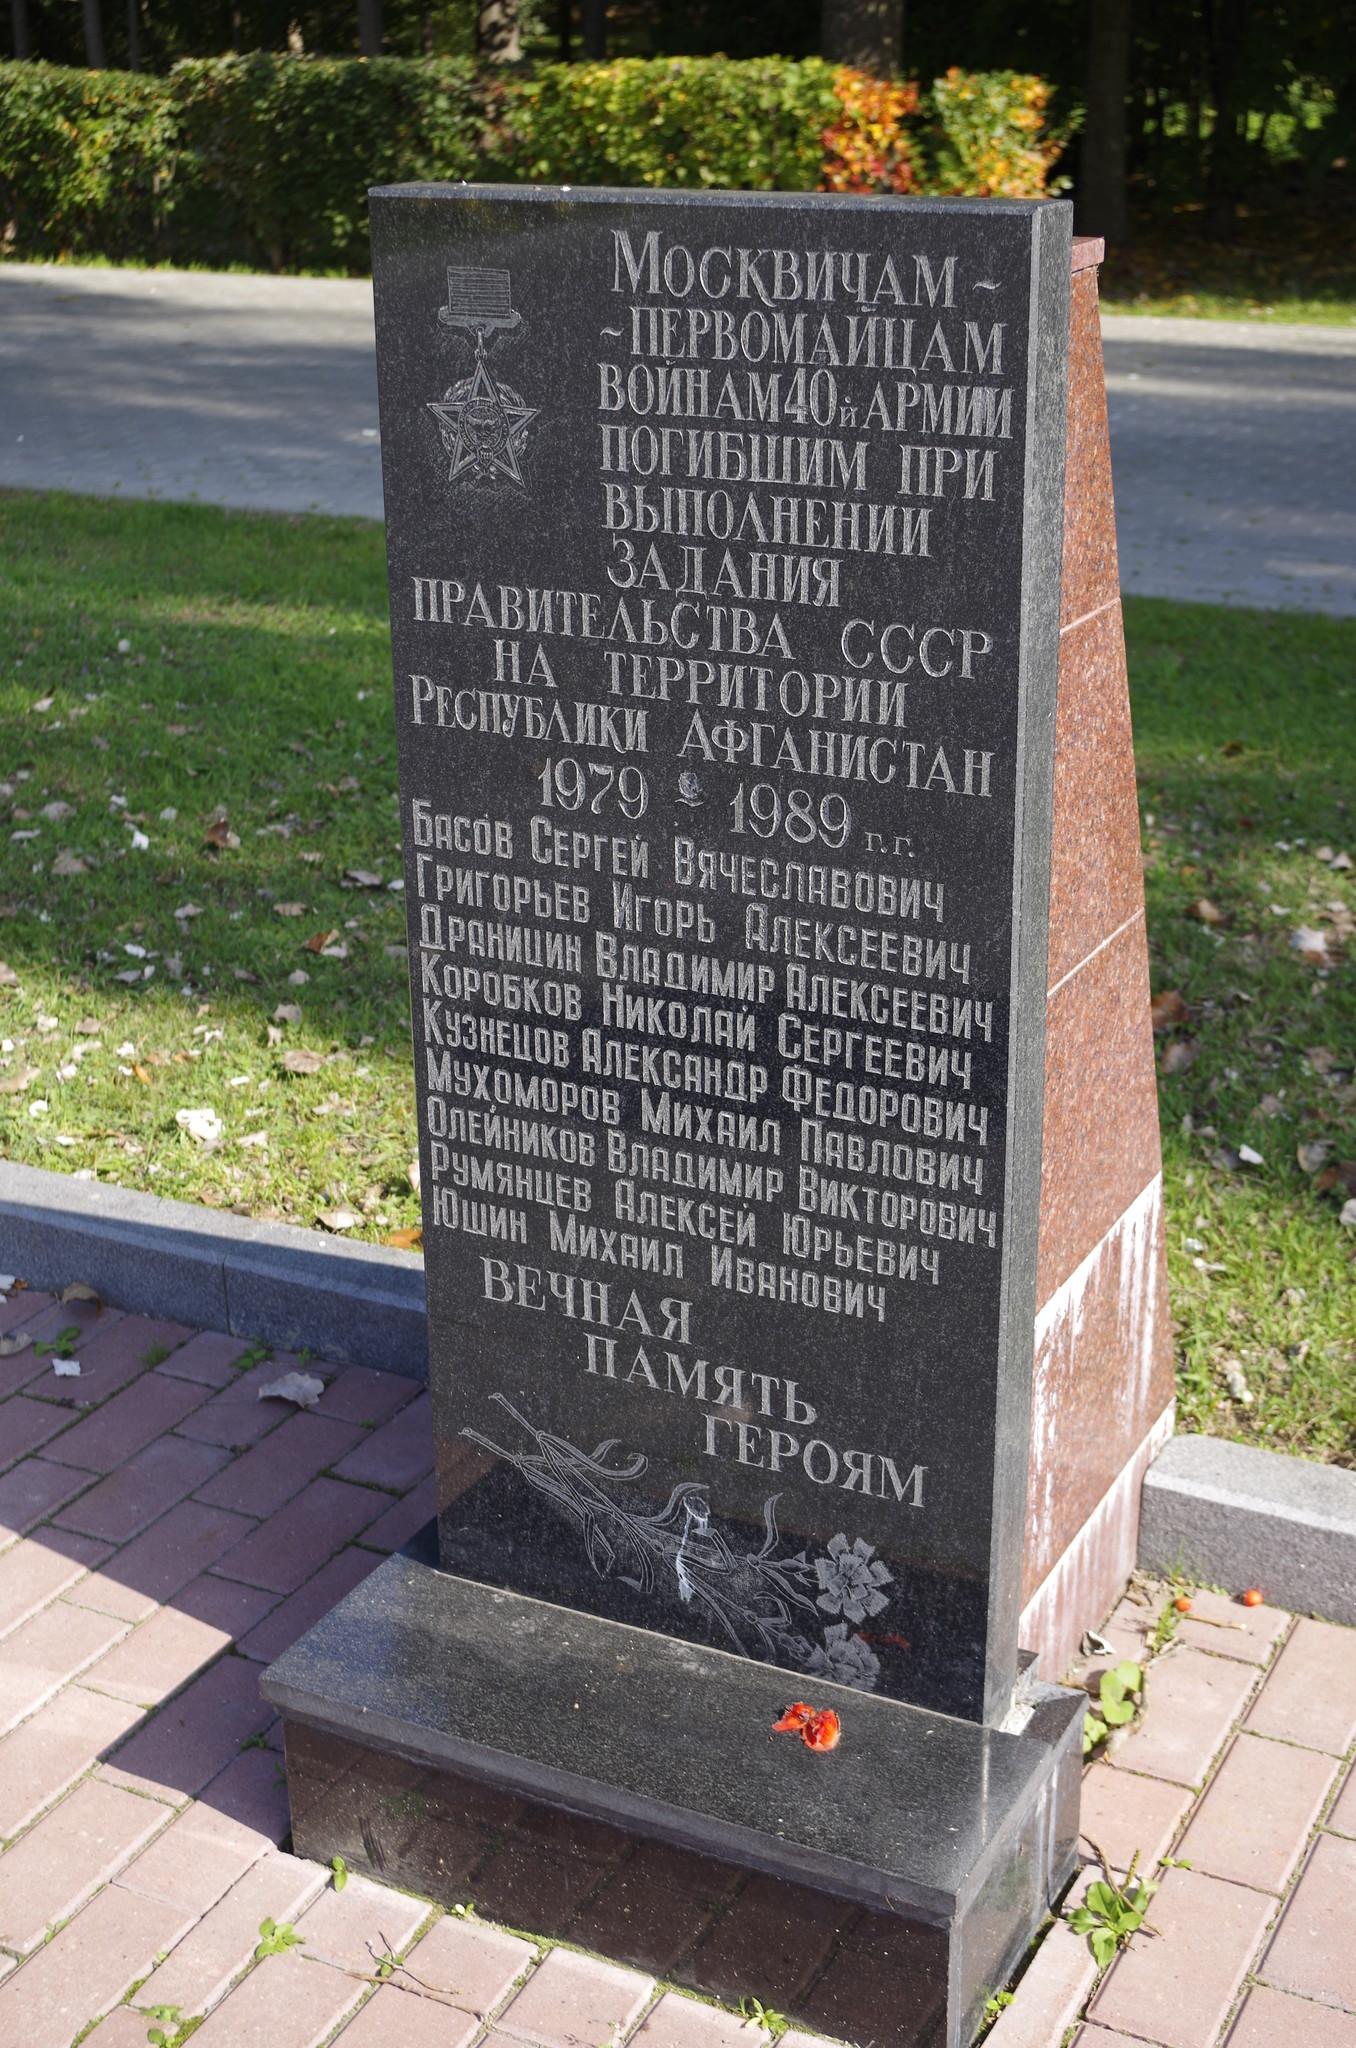 Мемориальная плита в Измайловском парке жителям Первомайского района города Москвы, погибшим в республике Афганистан